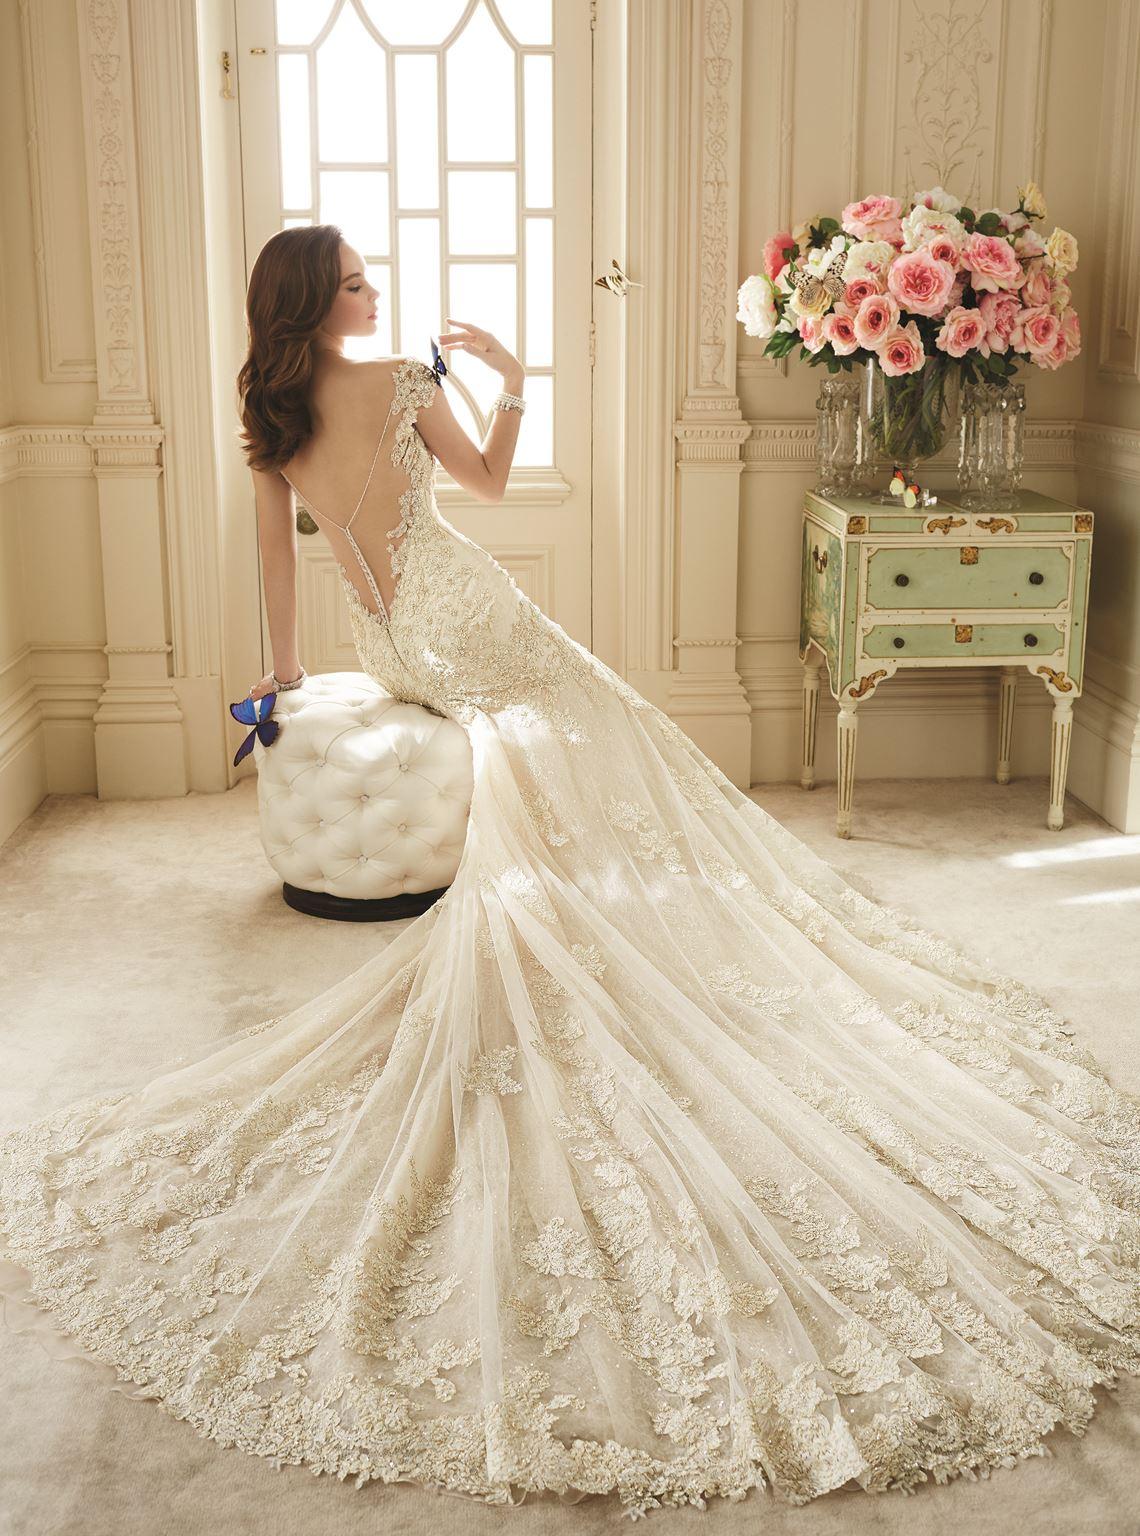 Vestido de Noiva Lancome - Hipnose Alta Costura e Spa para Noivas e Noivos - Campinas - SP Vestido de Noiva, Vestidos de Noiva Sereia, Hipnose Alta Costura, Vestido de Noiva Lancome